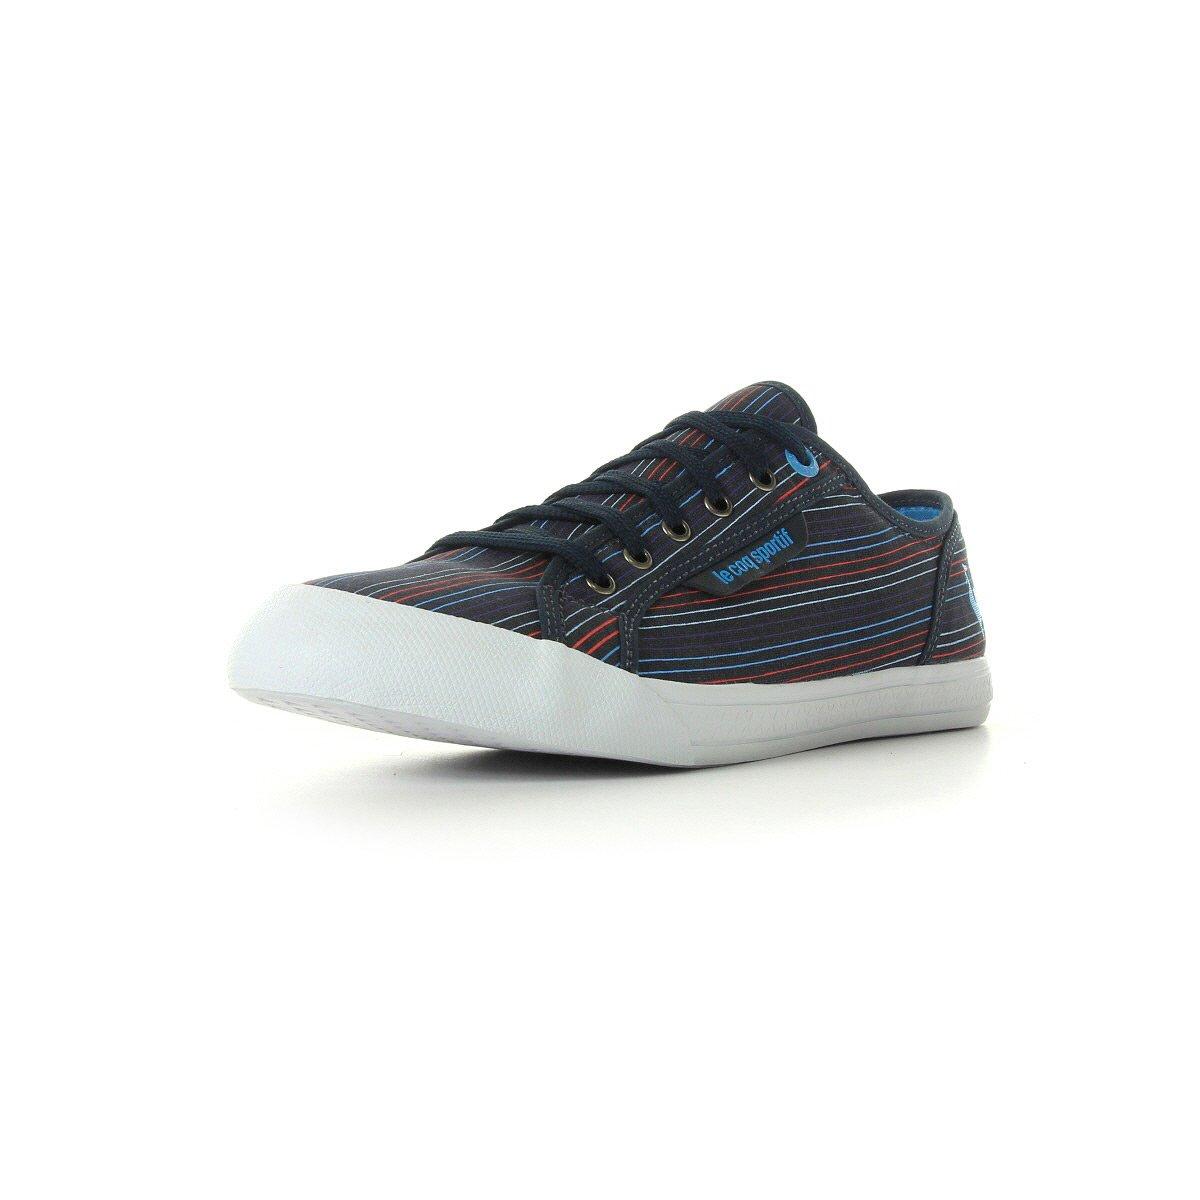 Le Coq Sportif  Deauville plus multi stripes,  scarpe scarpe scarpe da ginnastica uomo 171ae5